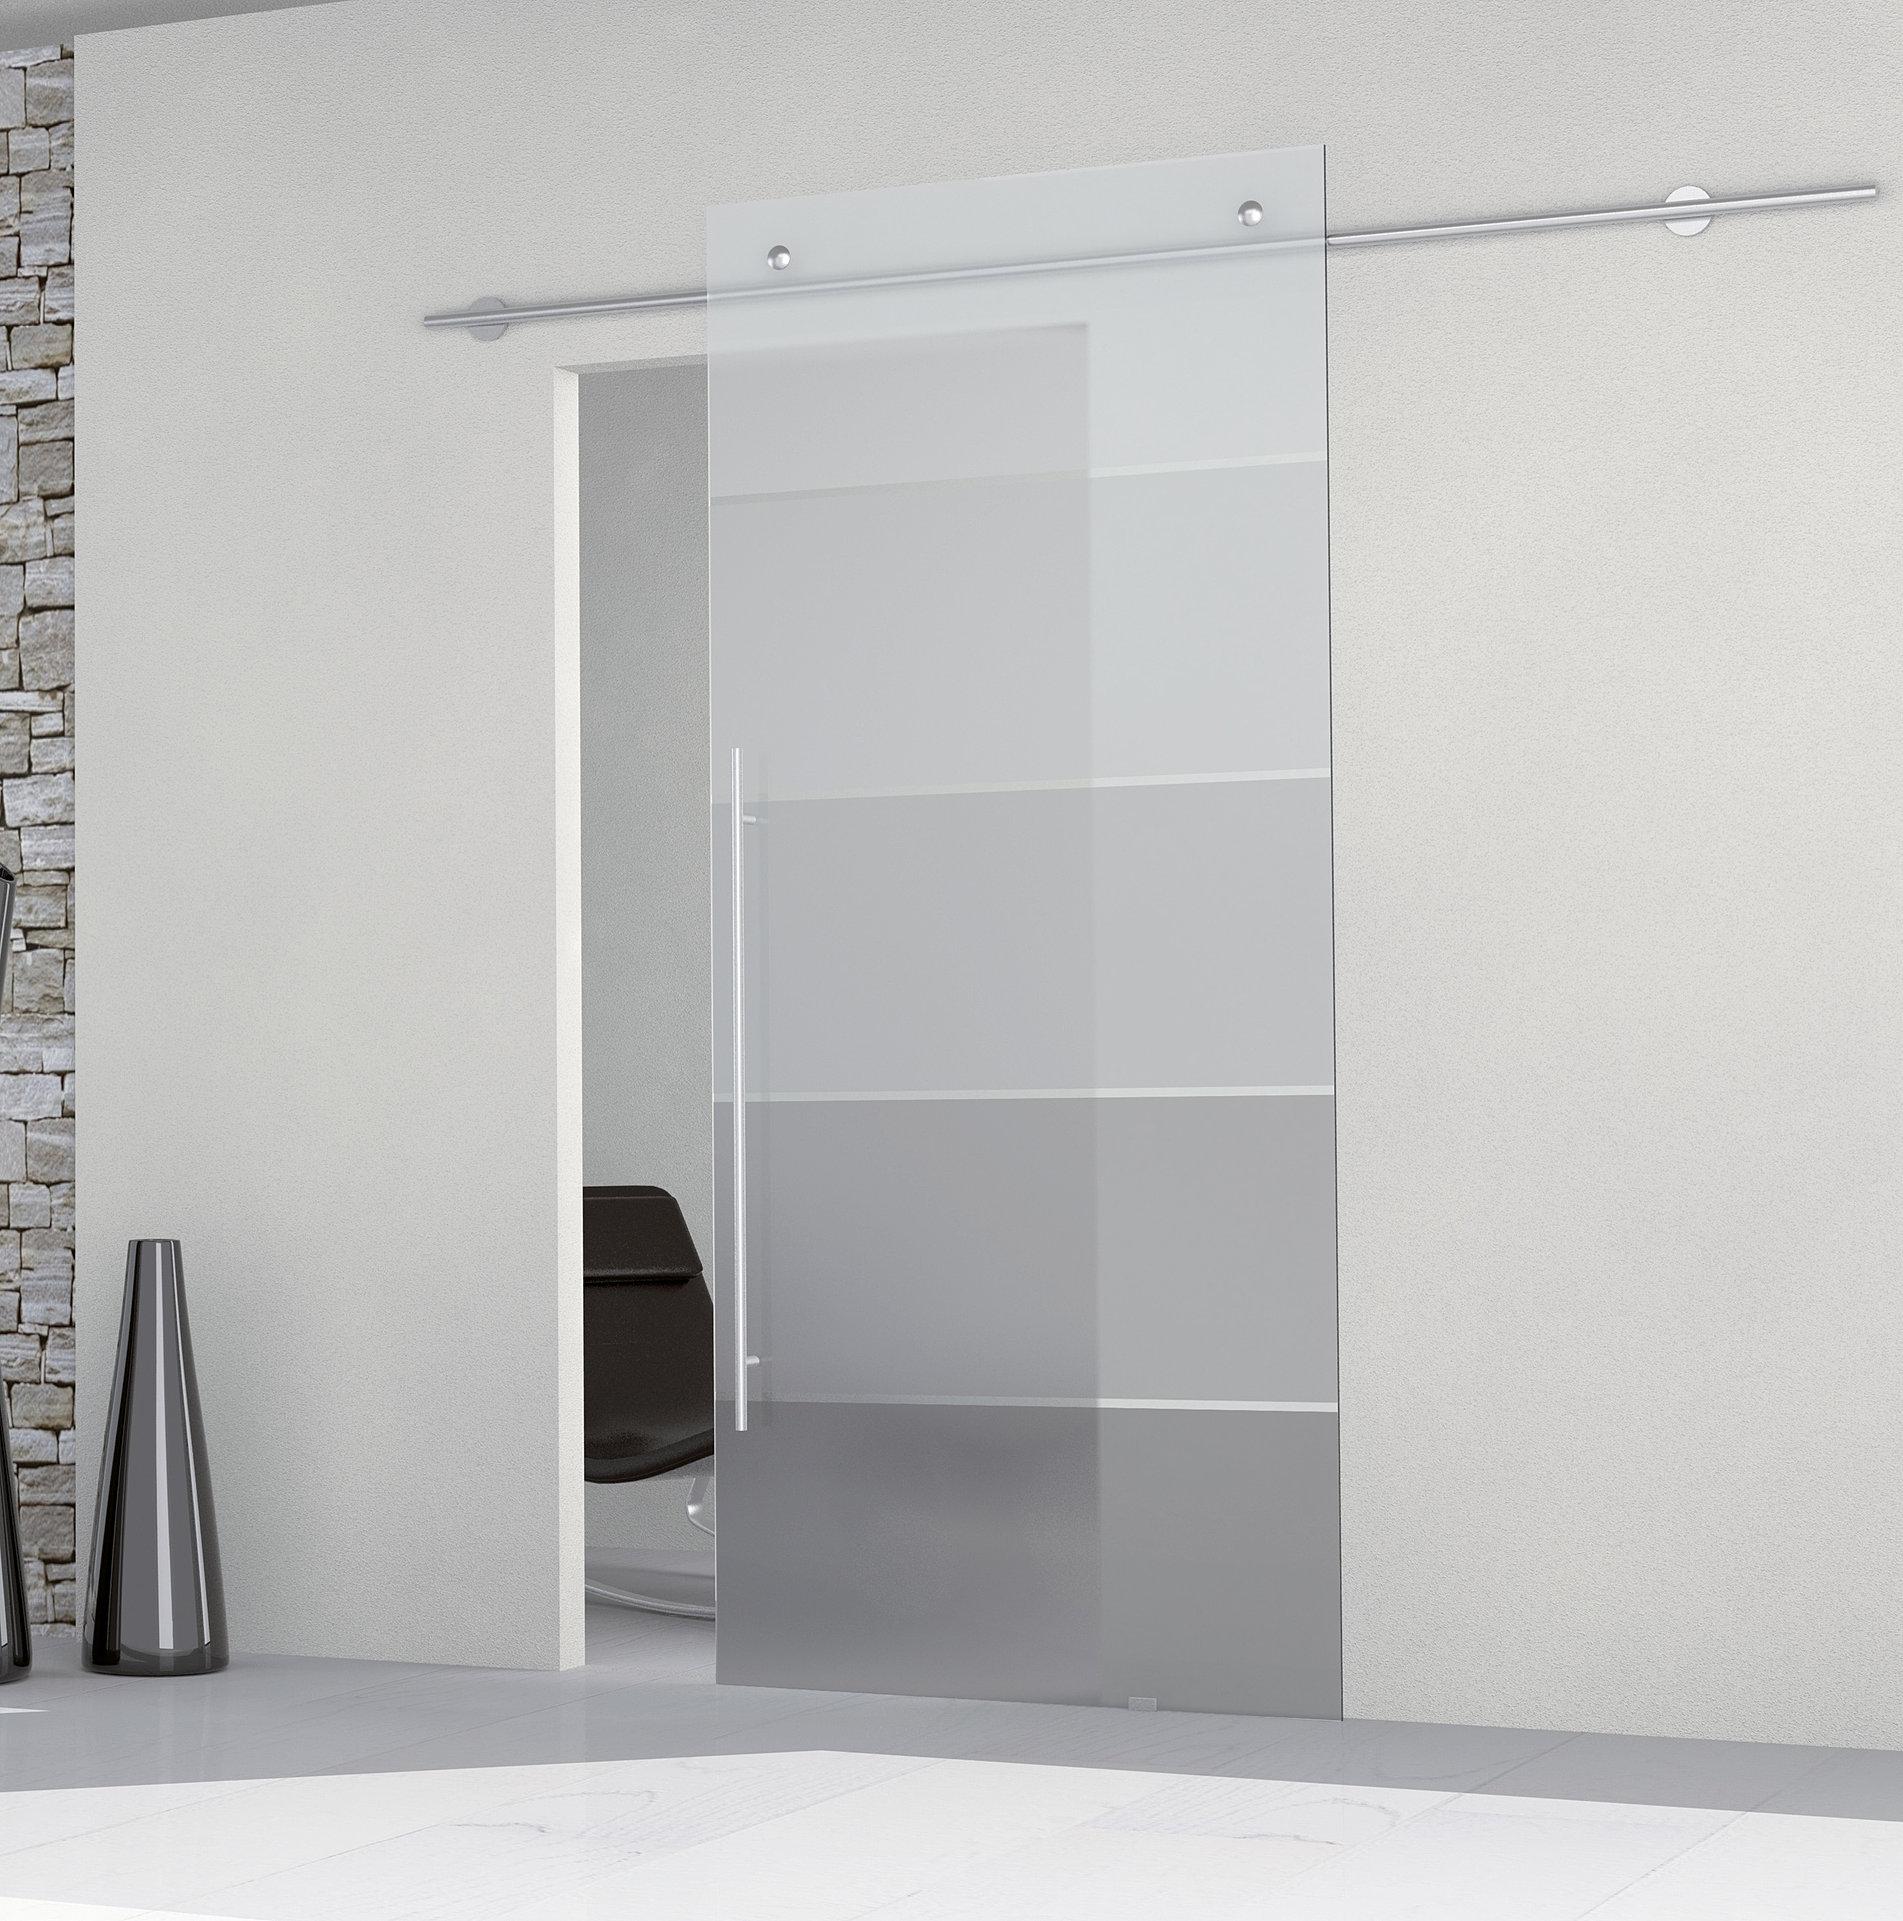 Eurofinestra porte interne in vetro